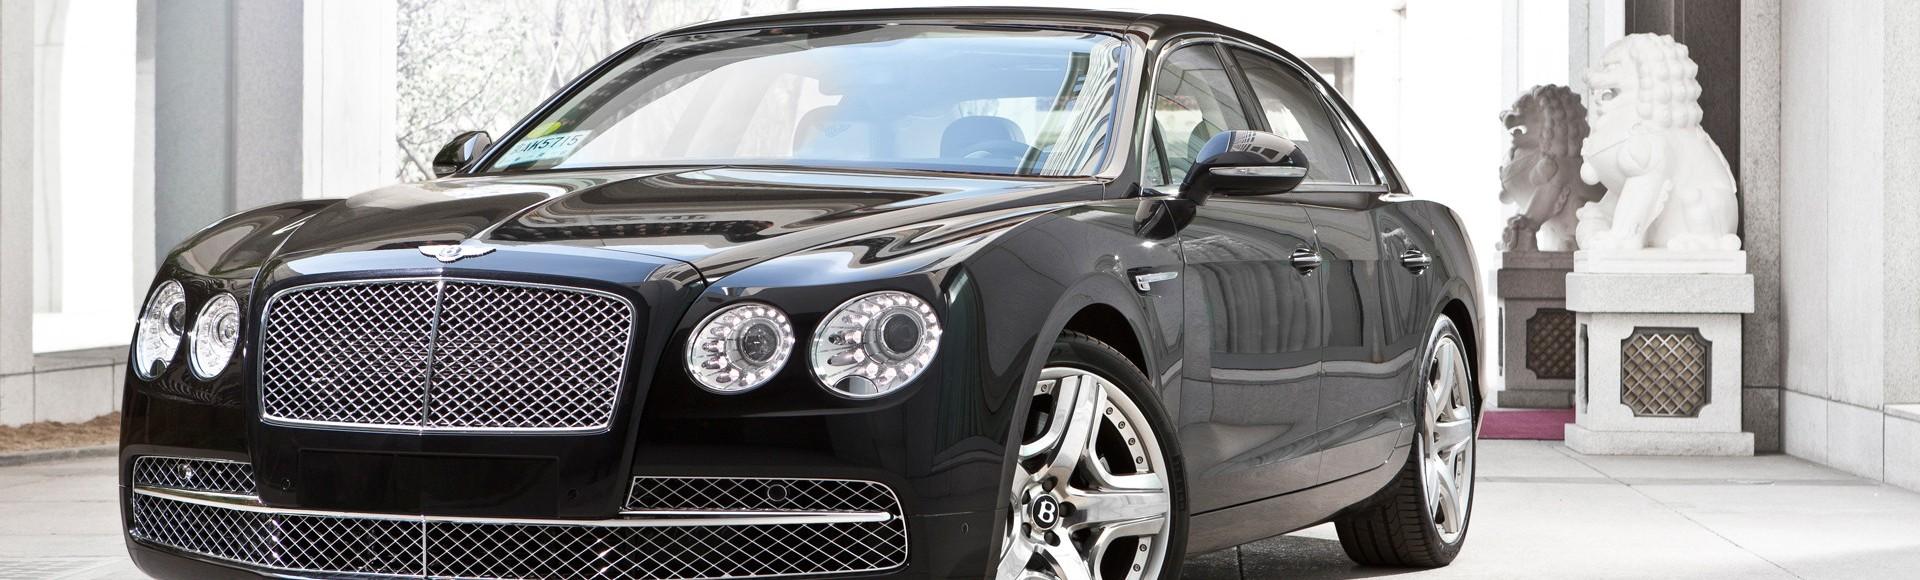 Запчасти Bentley